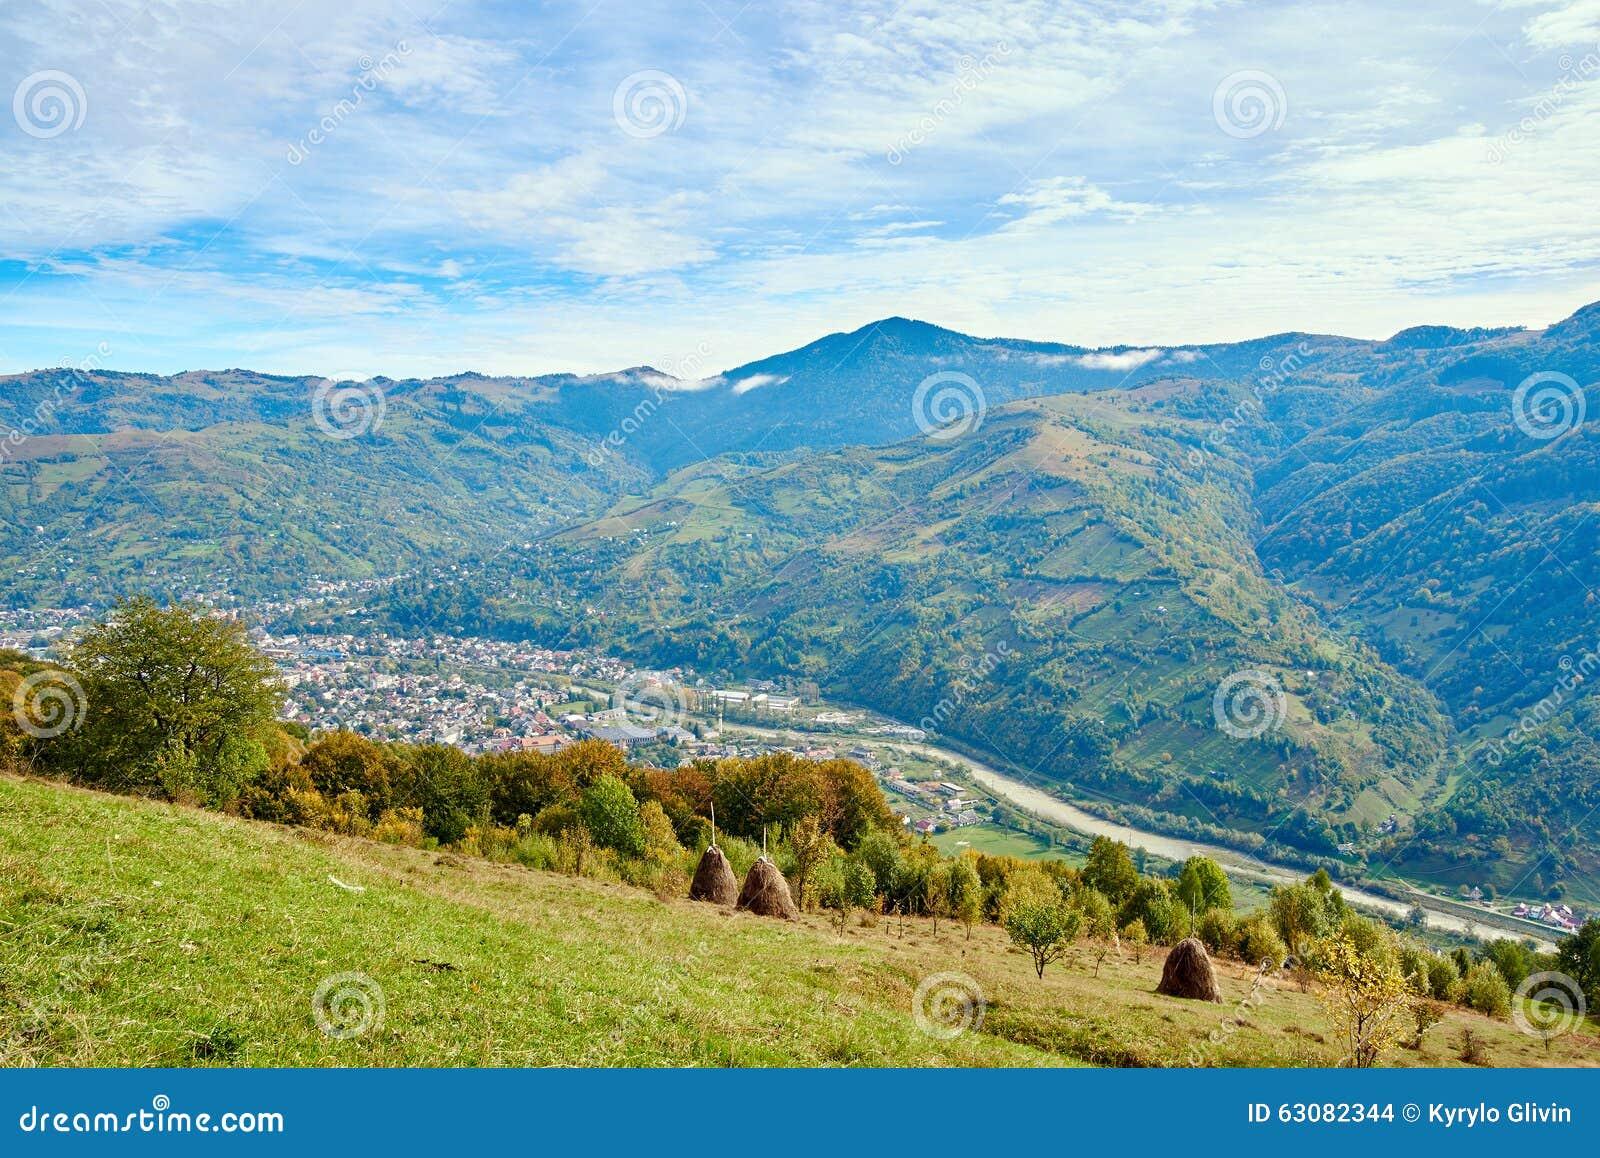 Download Paysage De Village De Pays De Montagne Avec Les Nuages Et Le Ciel Bleu Photo stock - Image du automne, course: 63082344